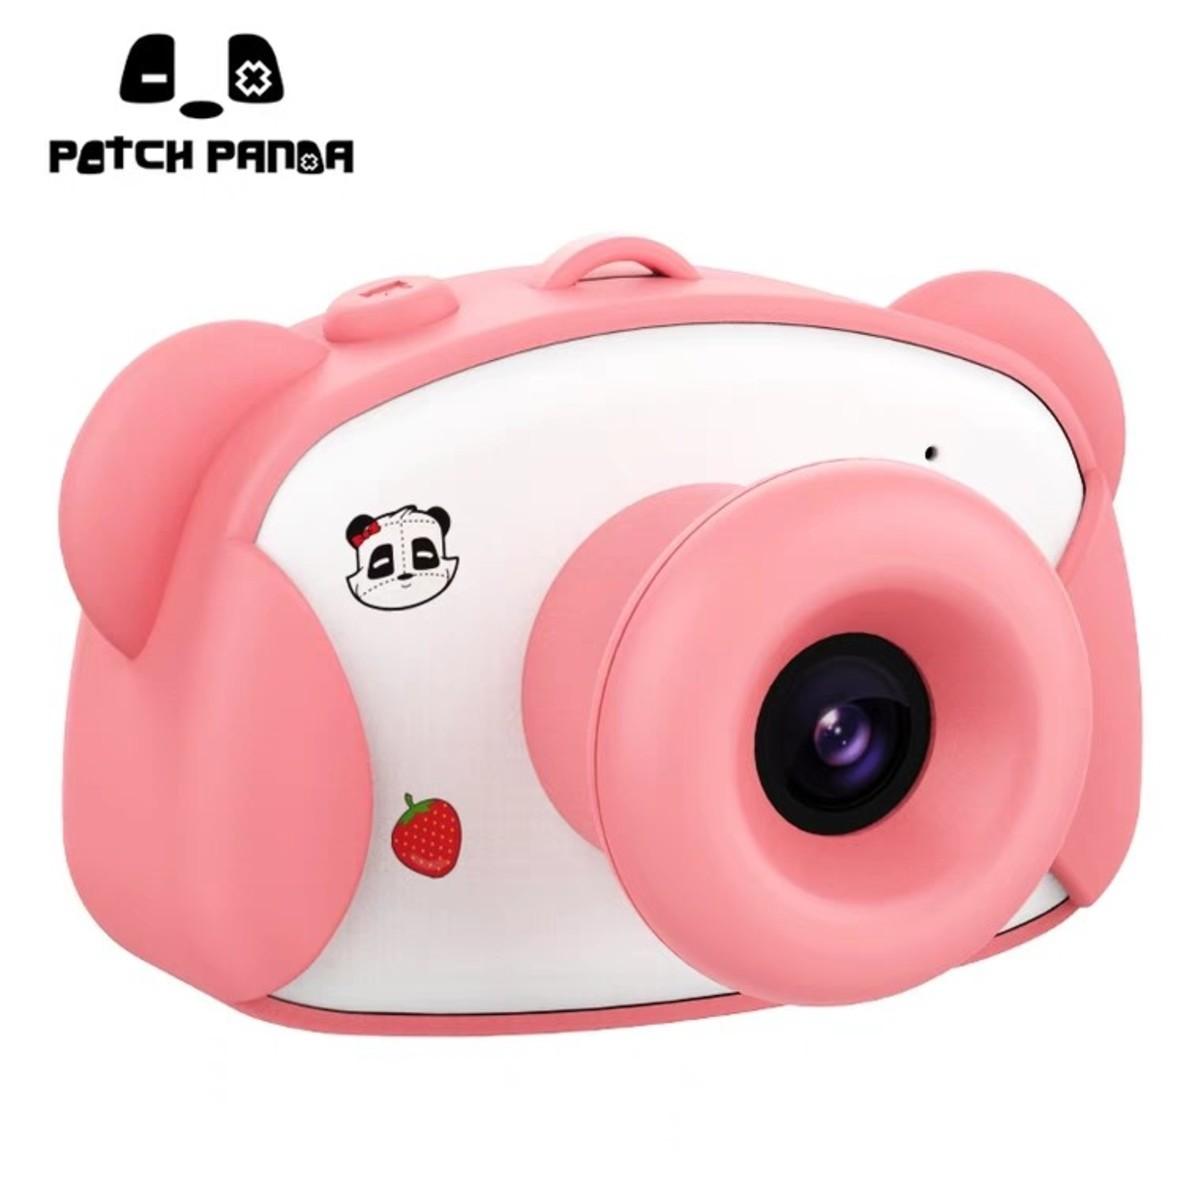 KC02 兒童相機 1920X1080 800萬像素 | 粉红色 | 香港行貨1年保修